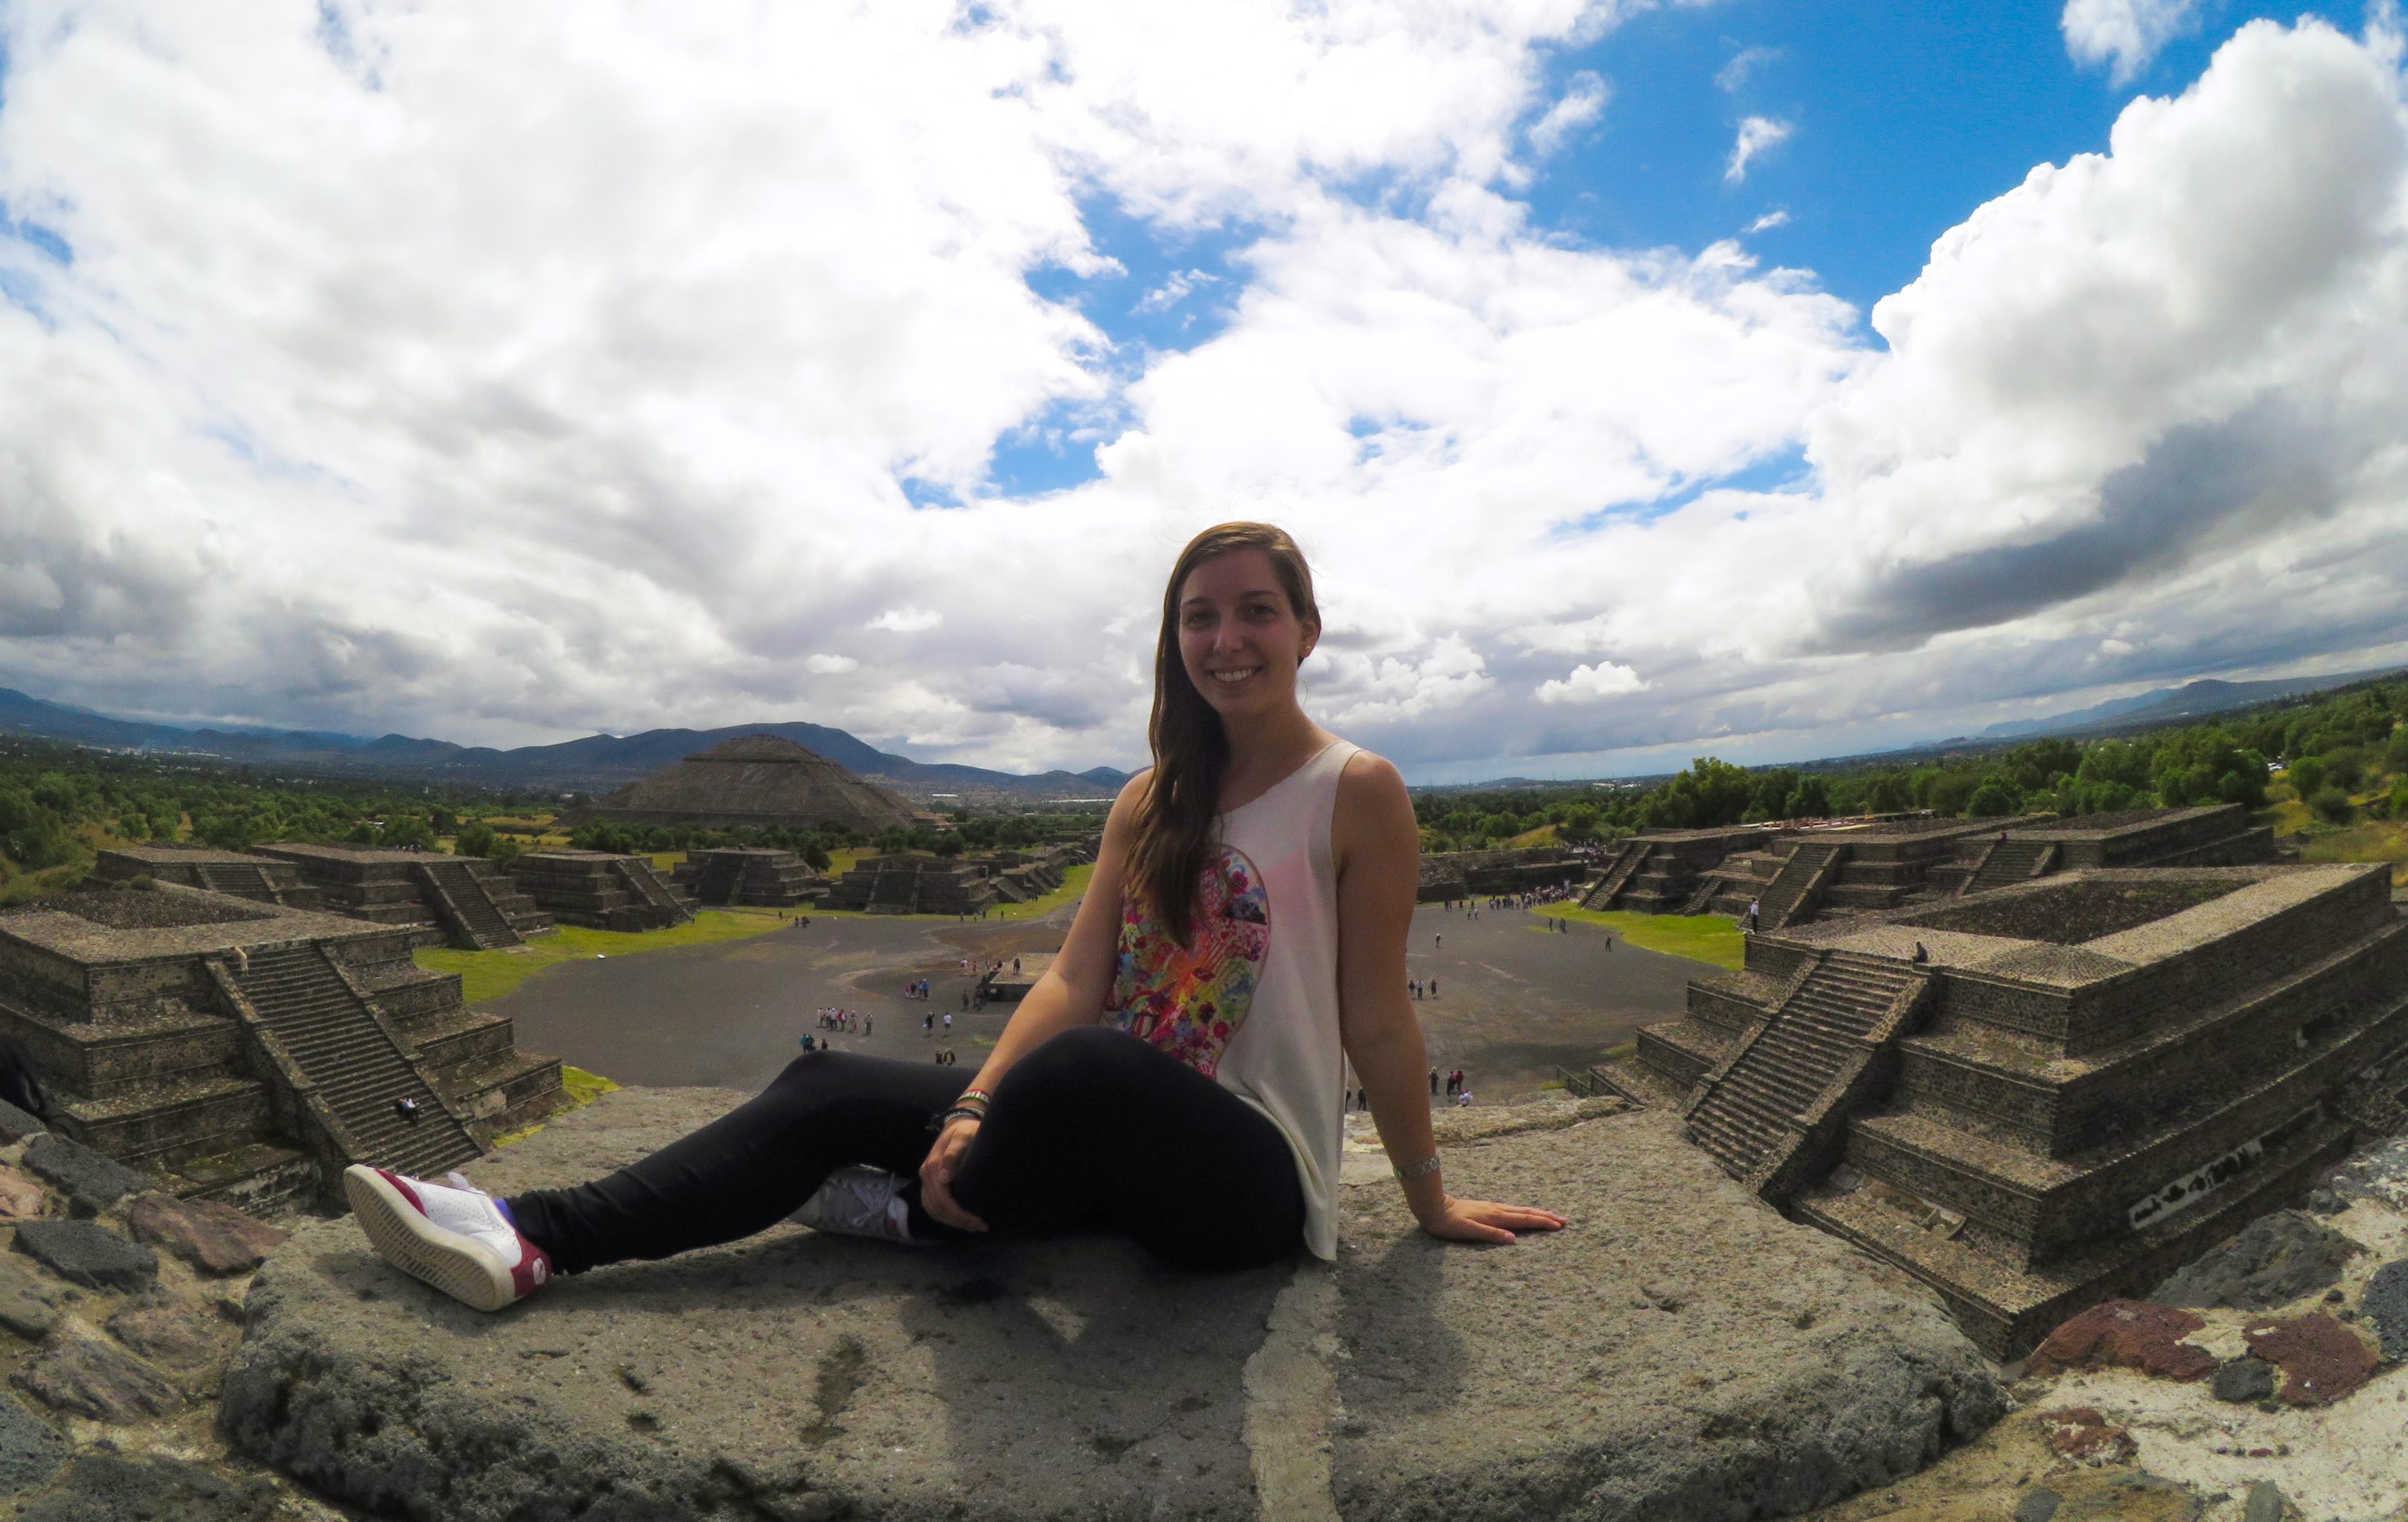 Entrevista#20: Lady avellana: Viajar y vivir en Corea del Sur